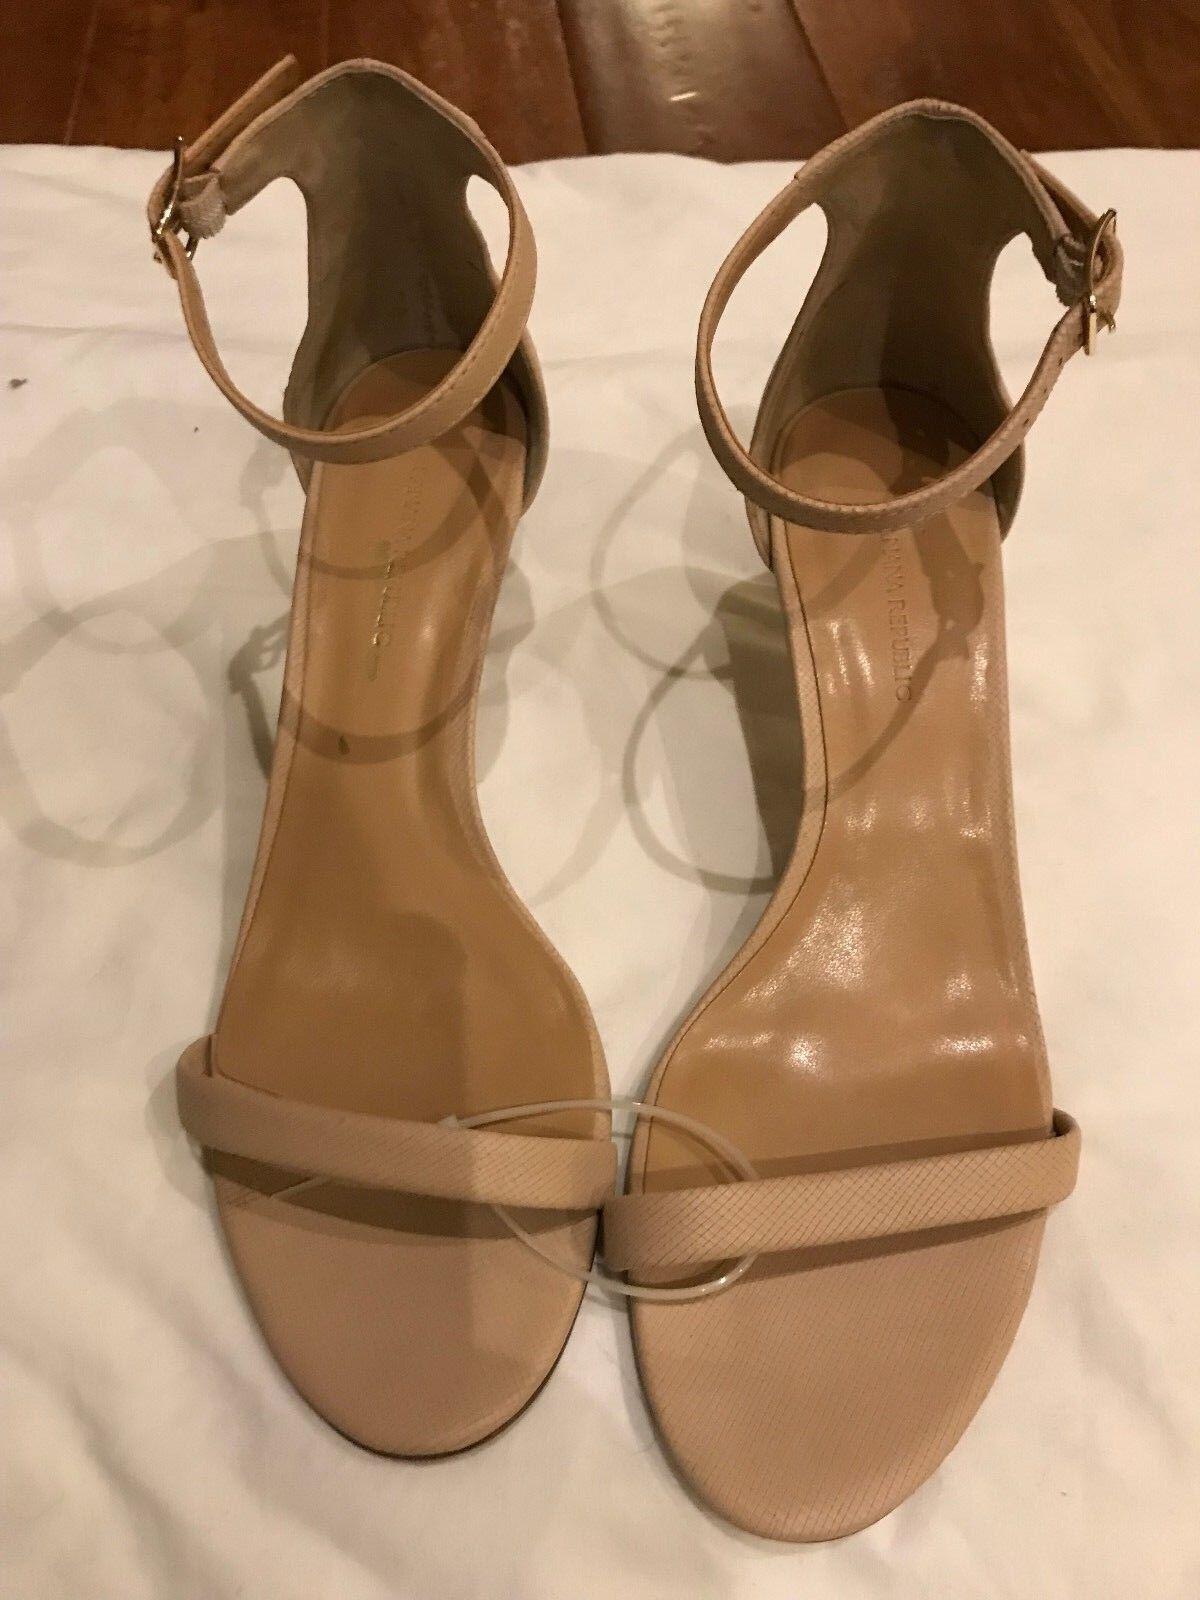 Banana Republic Bare Kitten Heel Sandale, Beige Leder SIZE #590158 7.5 M   #590158 SIZE E101 5e4136